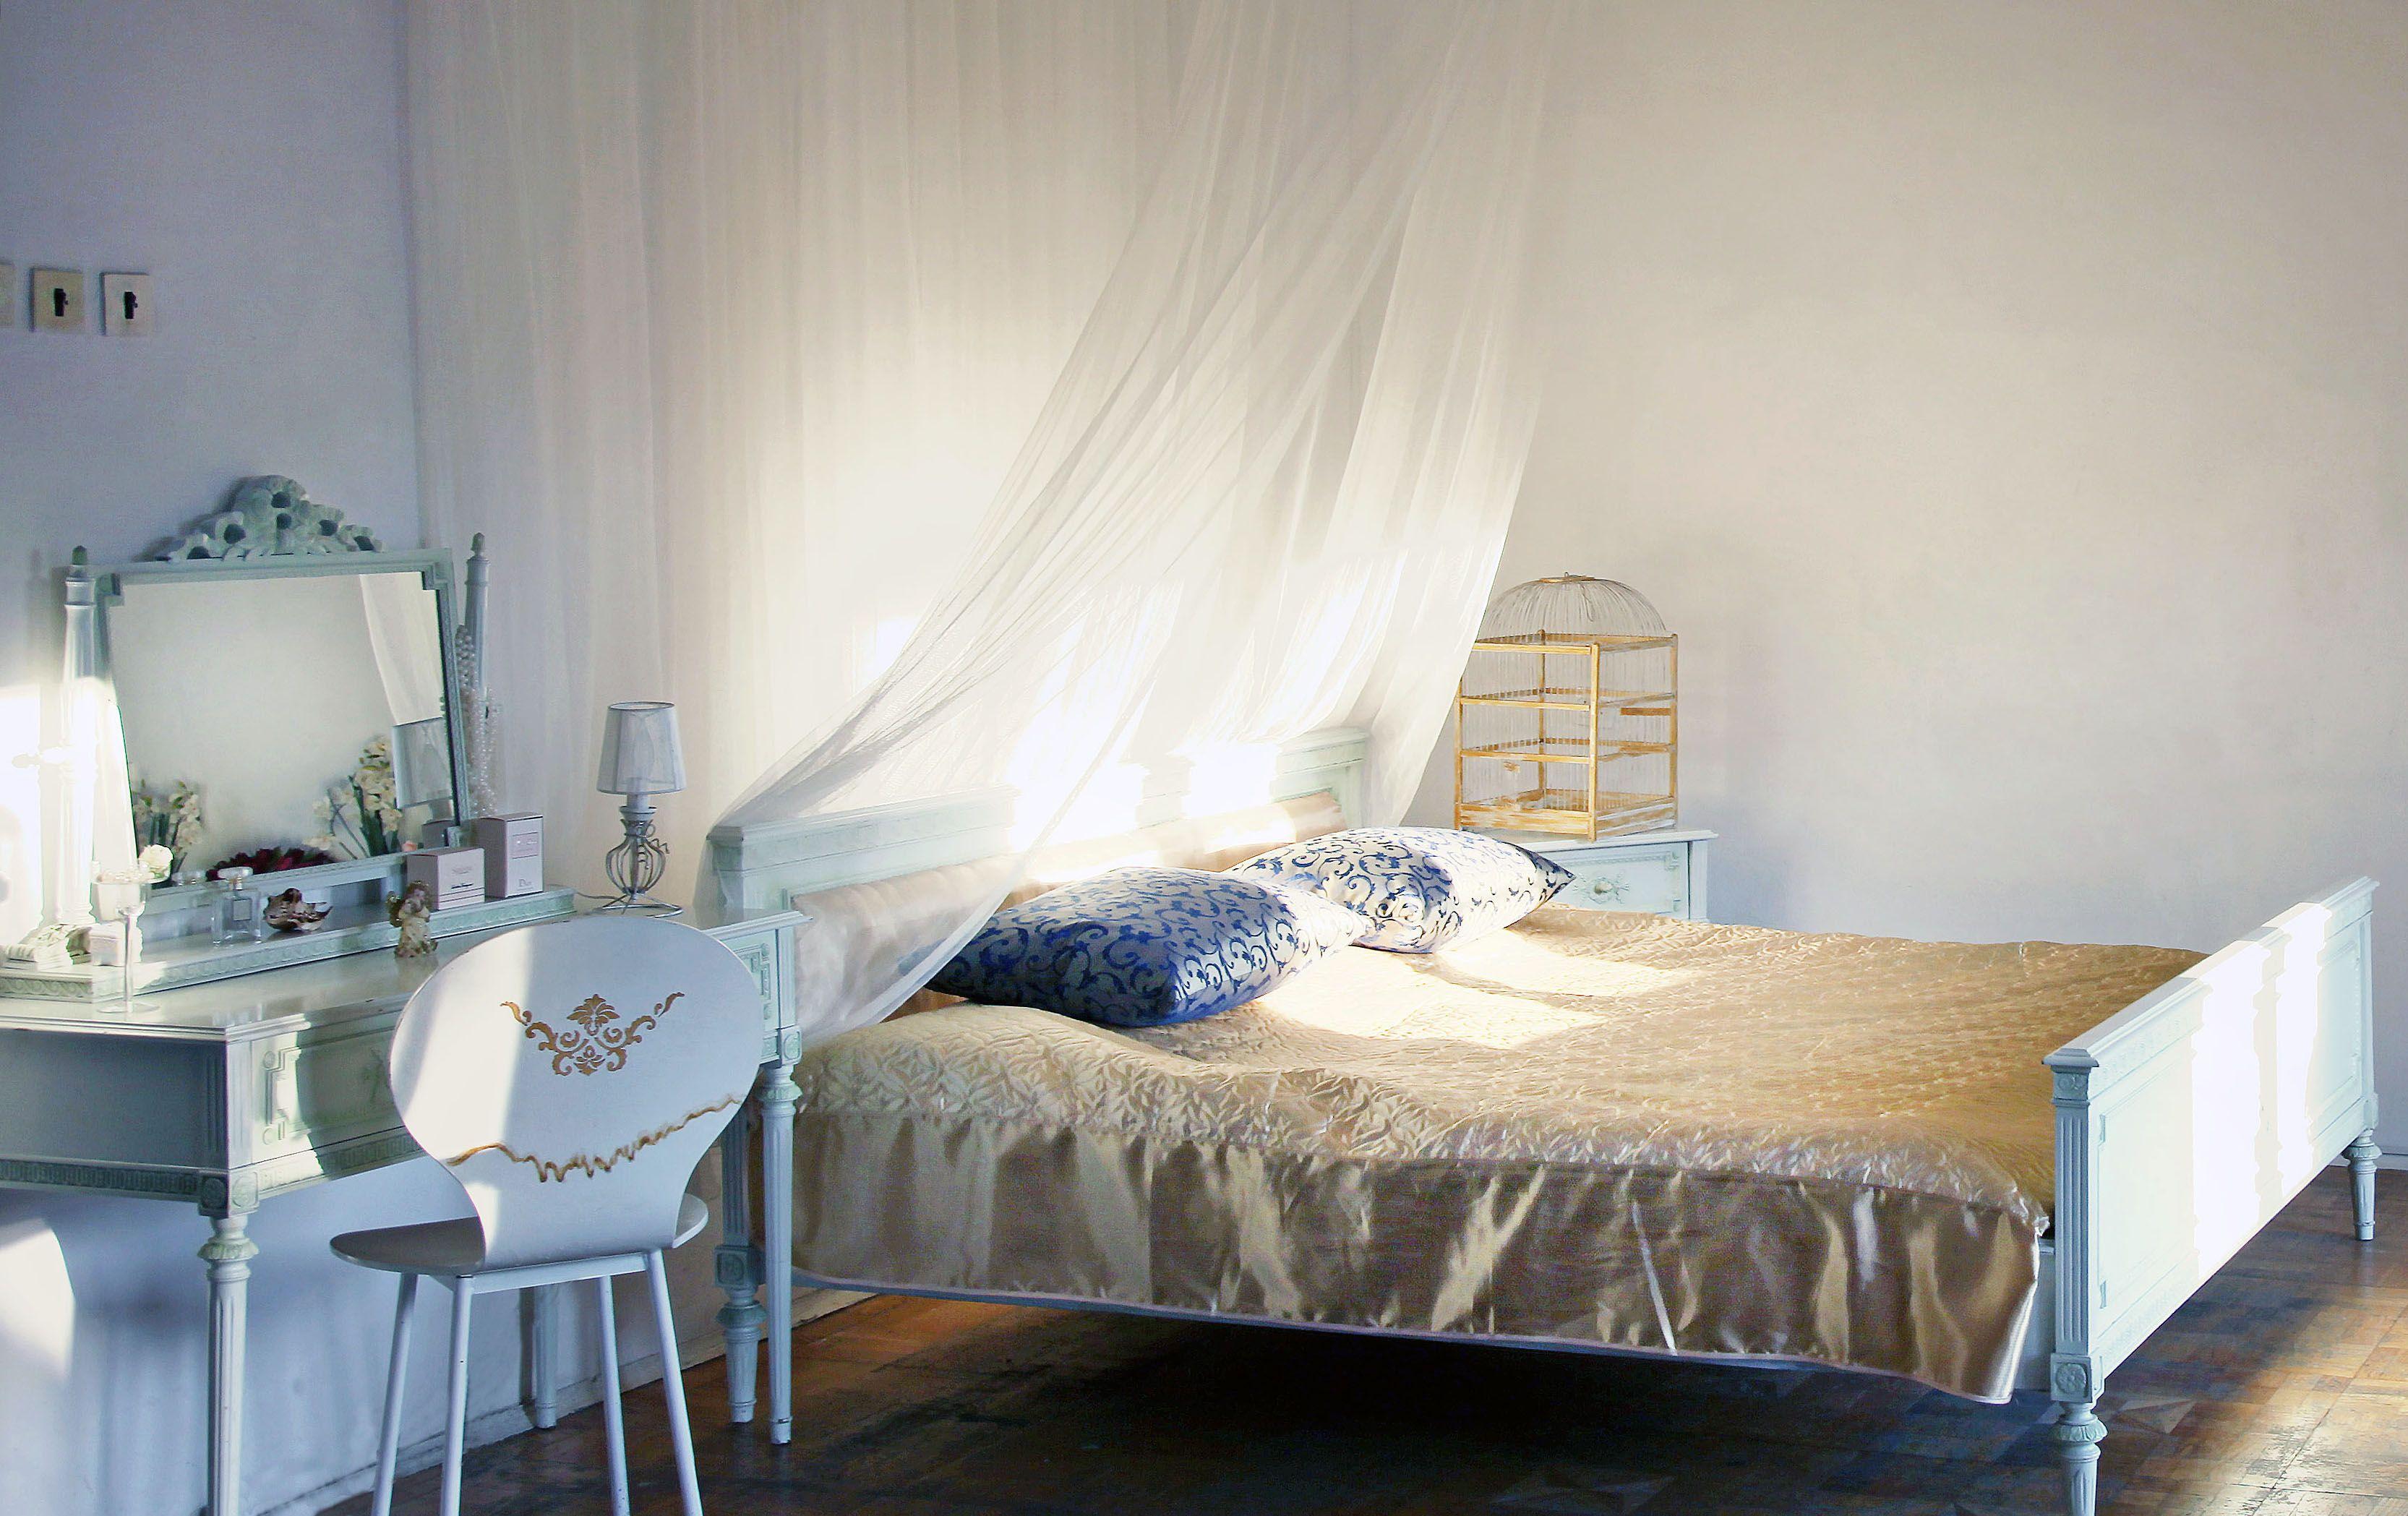 фотостудия в спб с шикарной кроватью комплексы